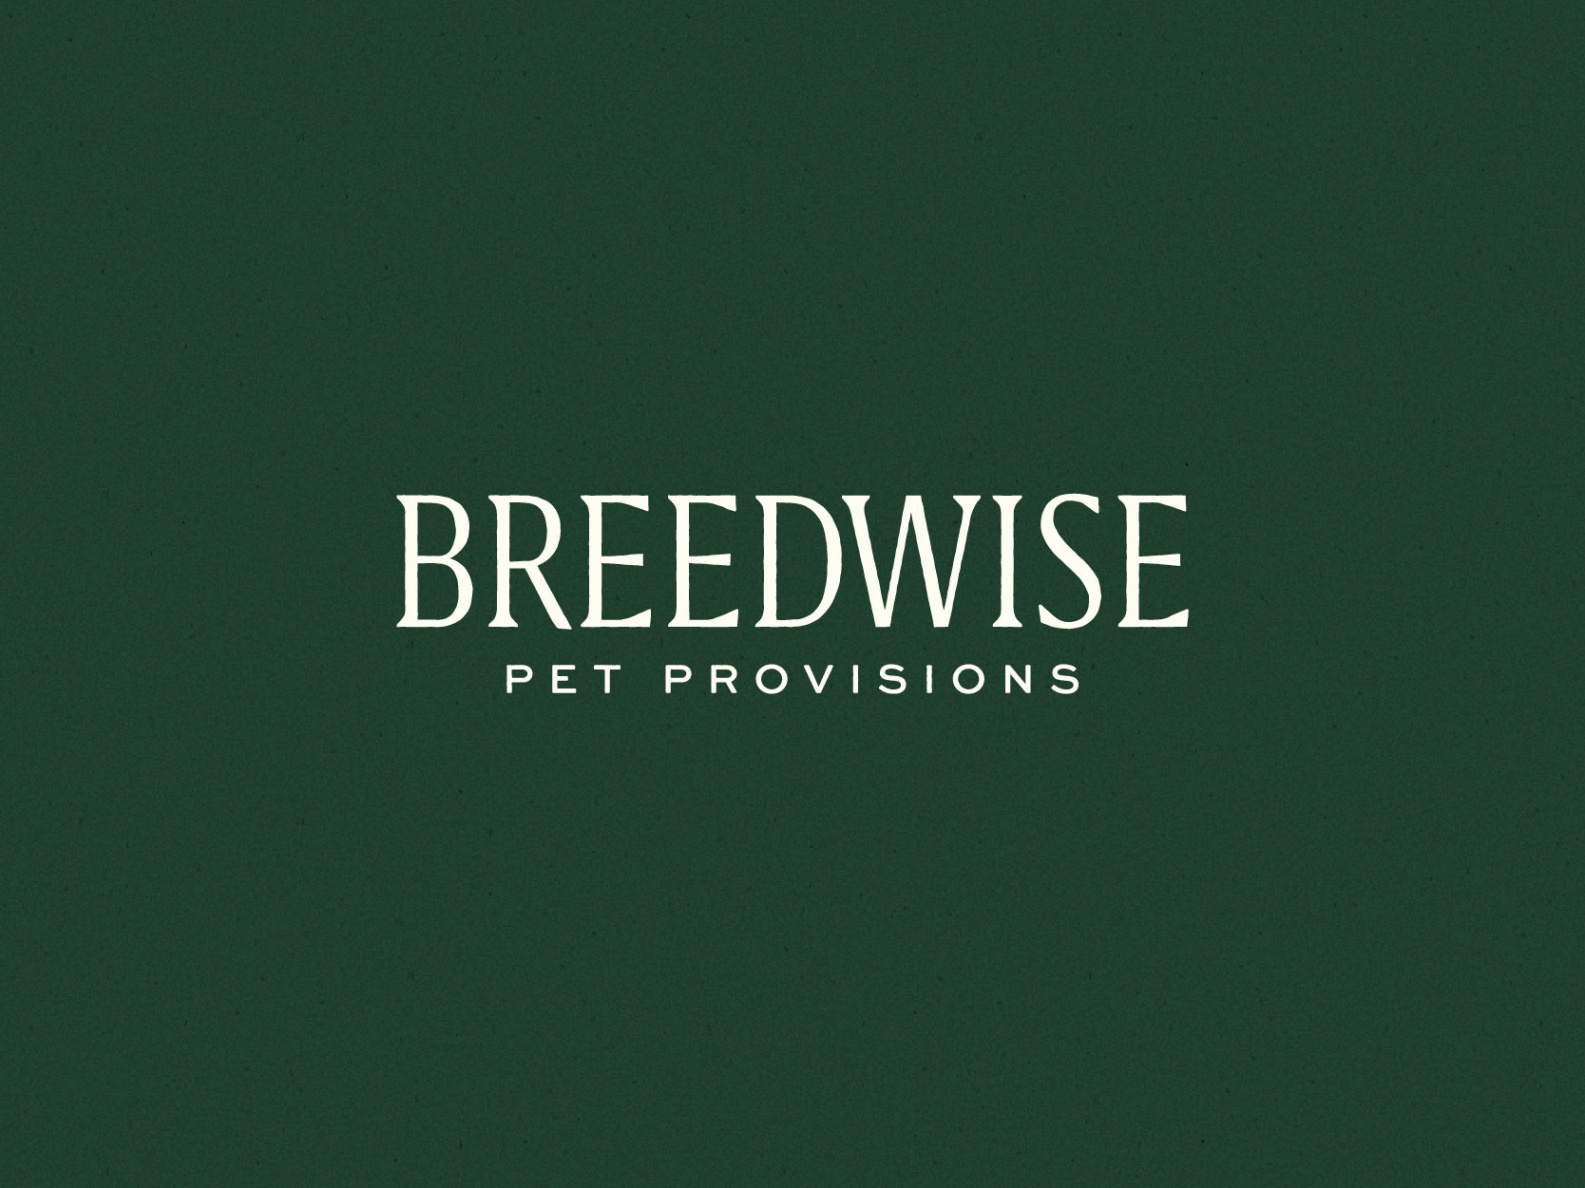 Breedwise